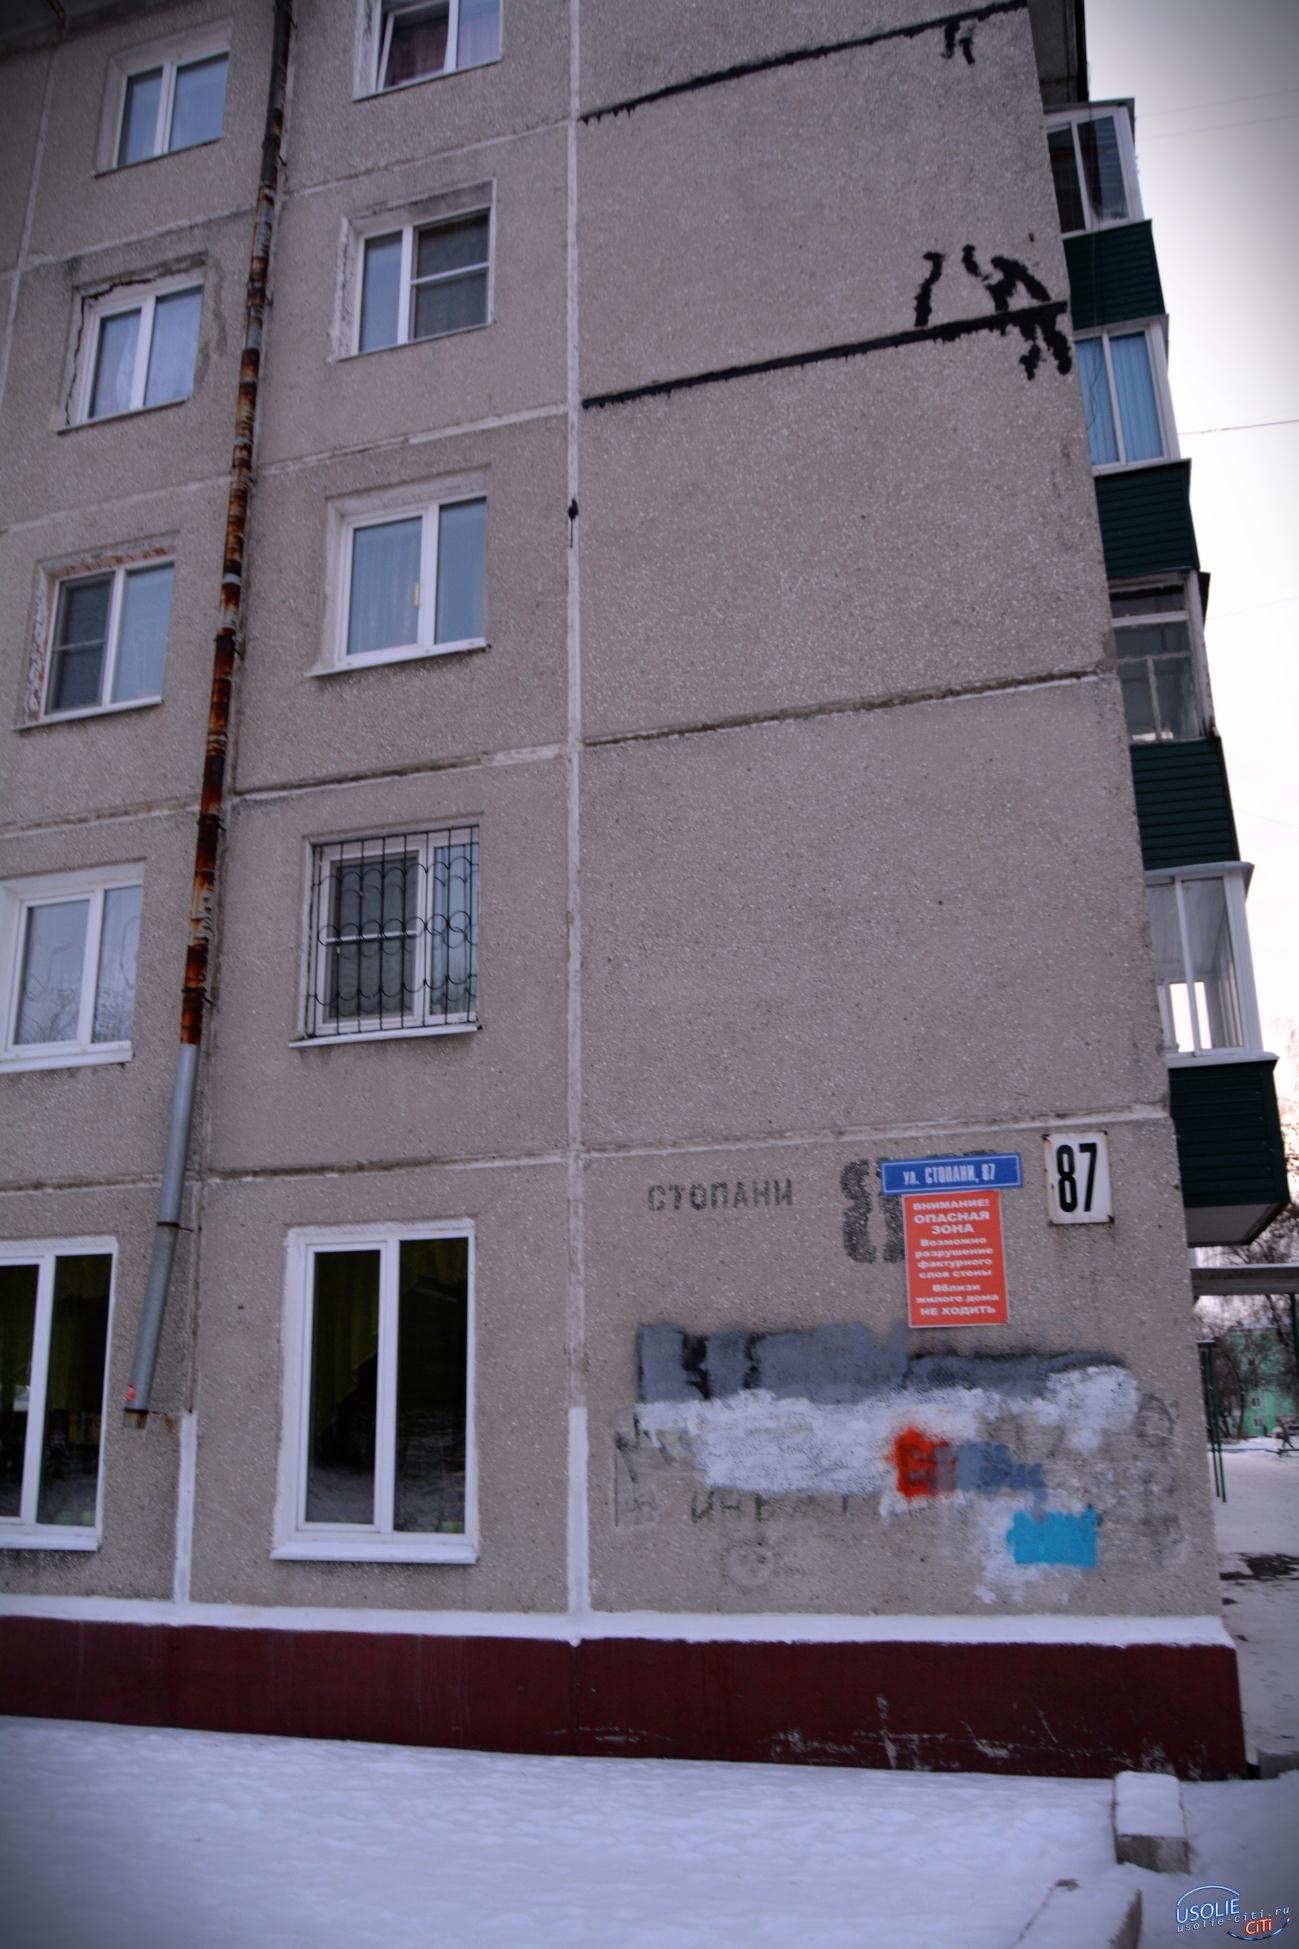 Правительство требует в Усолье снести многоэтажный жилой дом